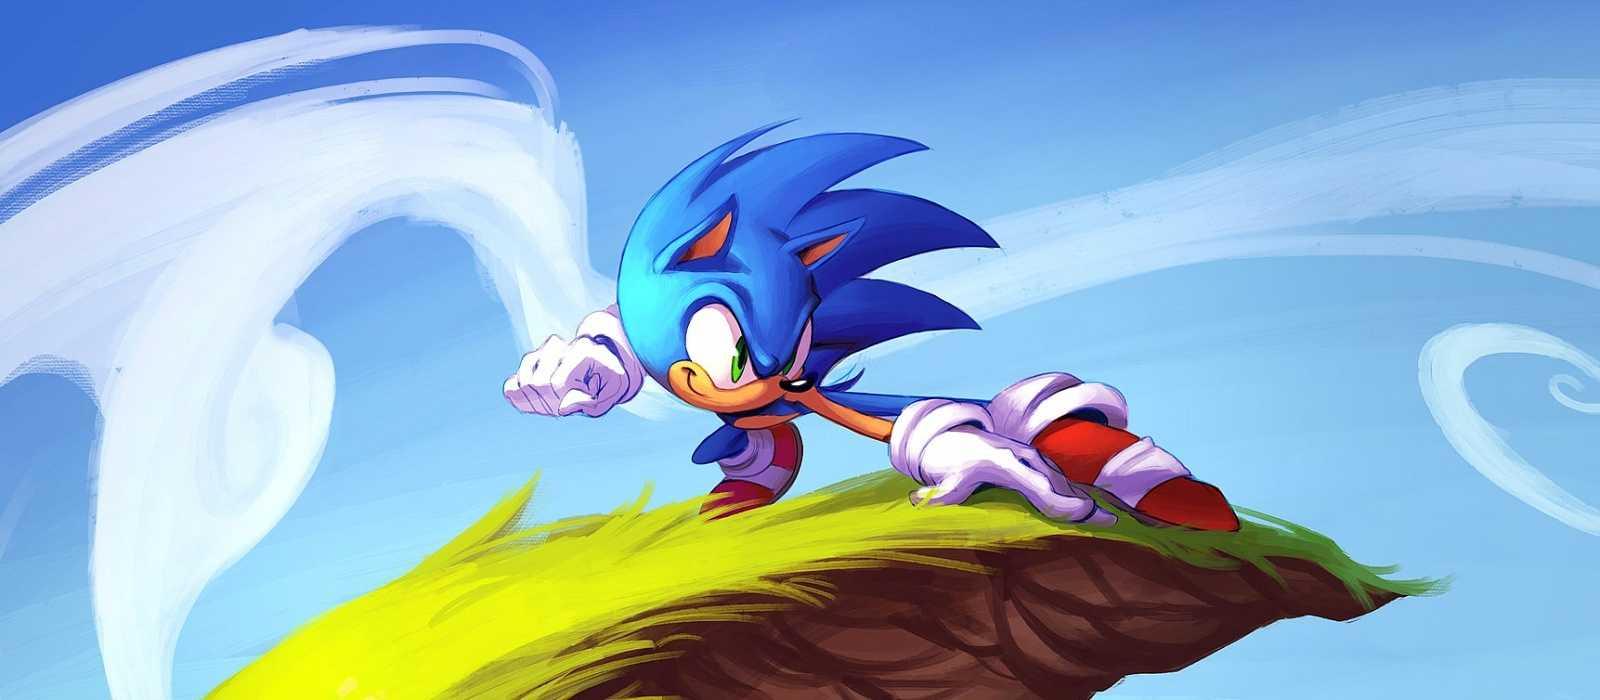 Freebie: Das Kult-Spiel über Sonic wird kostenlos auf Steam vertrieben